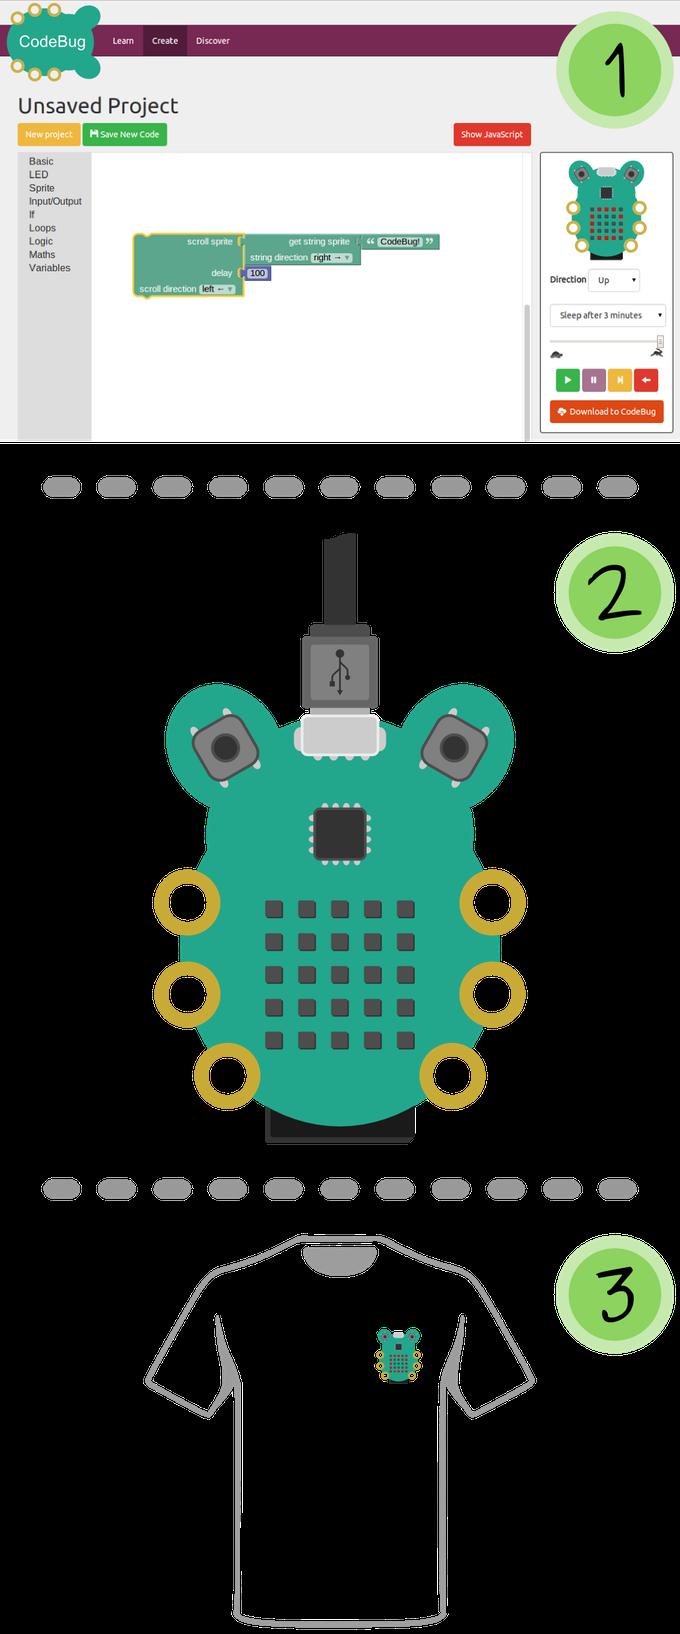 CodeBug поможет обучиться программированию «железа» и ребенку и взрослому - 3